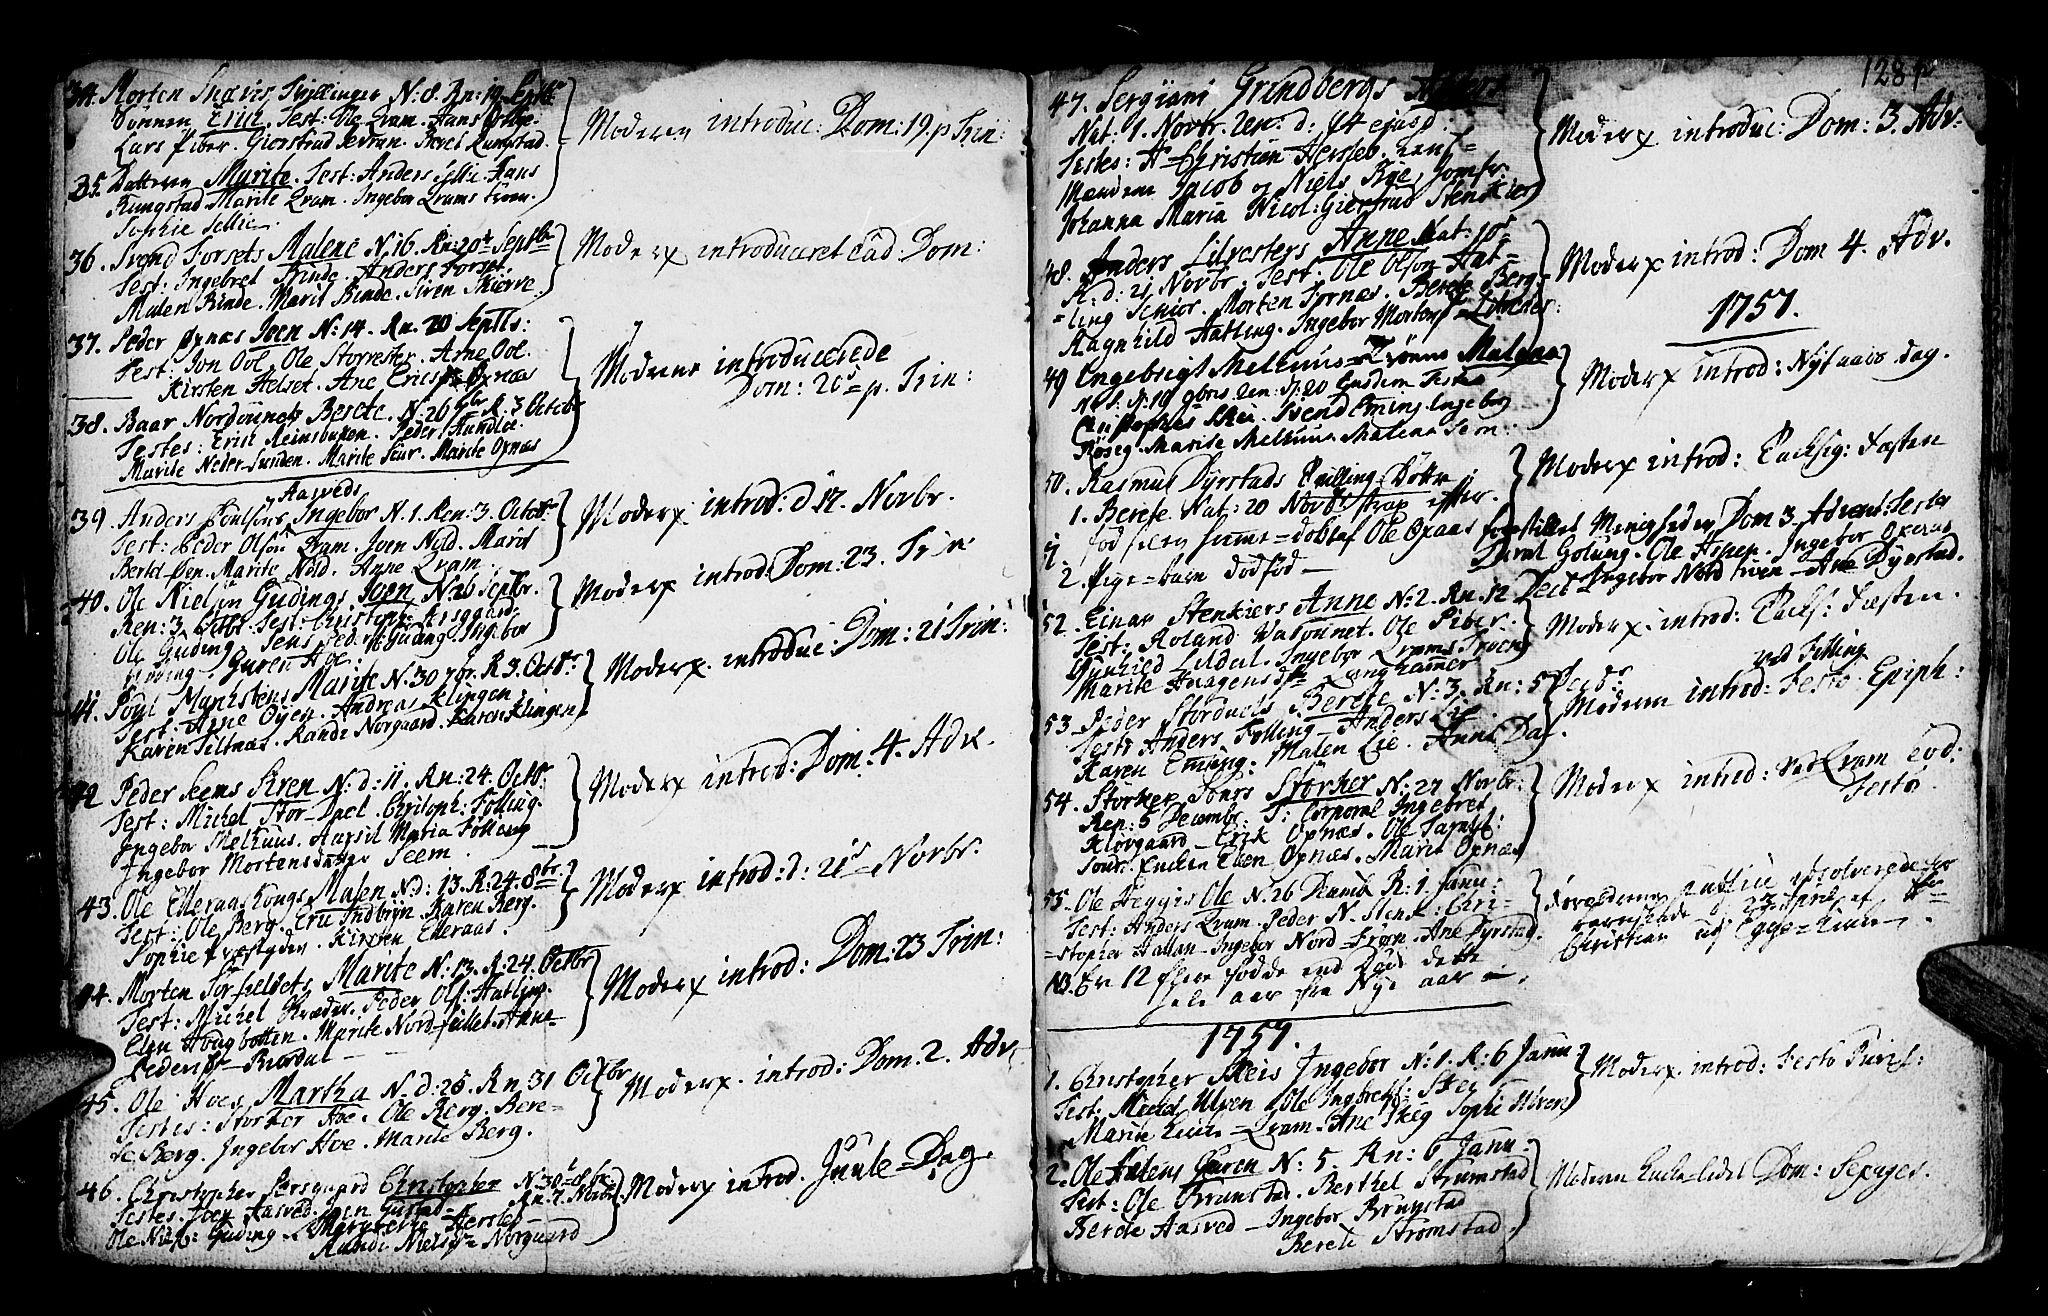 SAT, Ministerialprotokoller, klokkerbøker og fødselsregistre - Nord-Trøndelag, 746/L0439: Ministerialbok nr. 746A01, 1688-1759, s. 128o